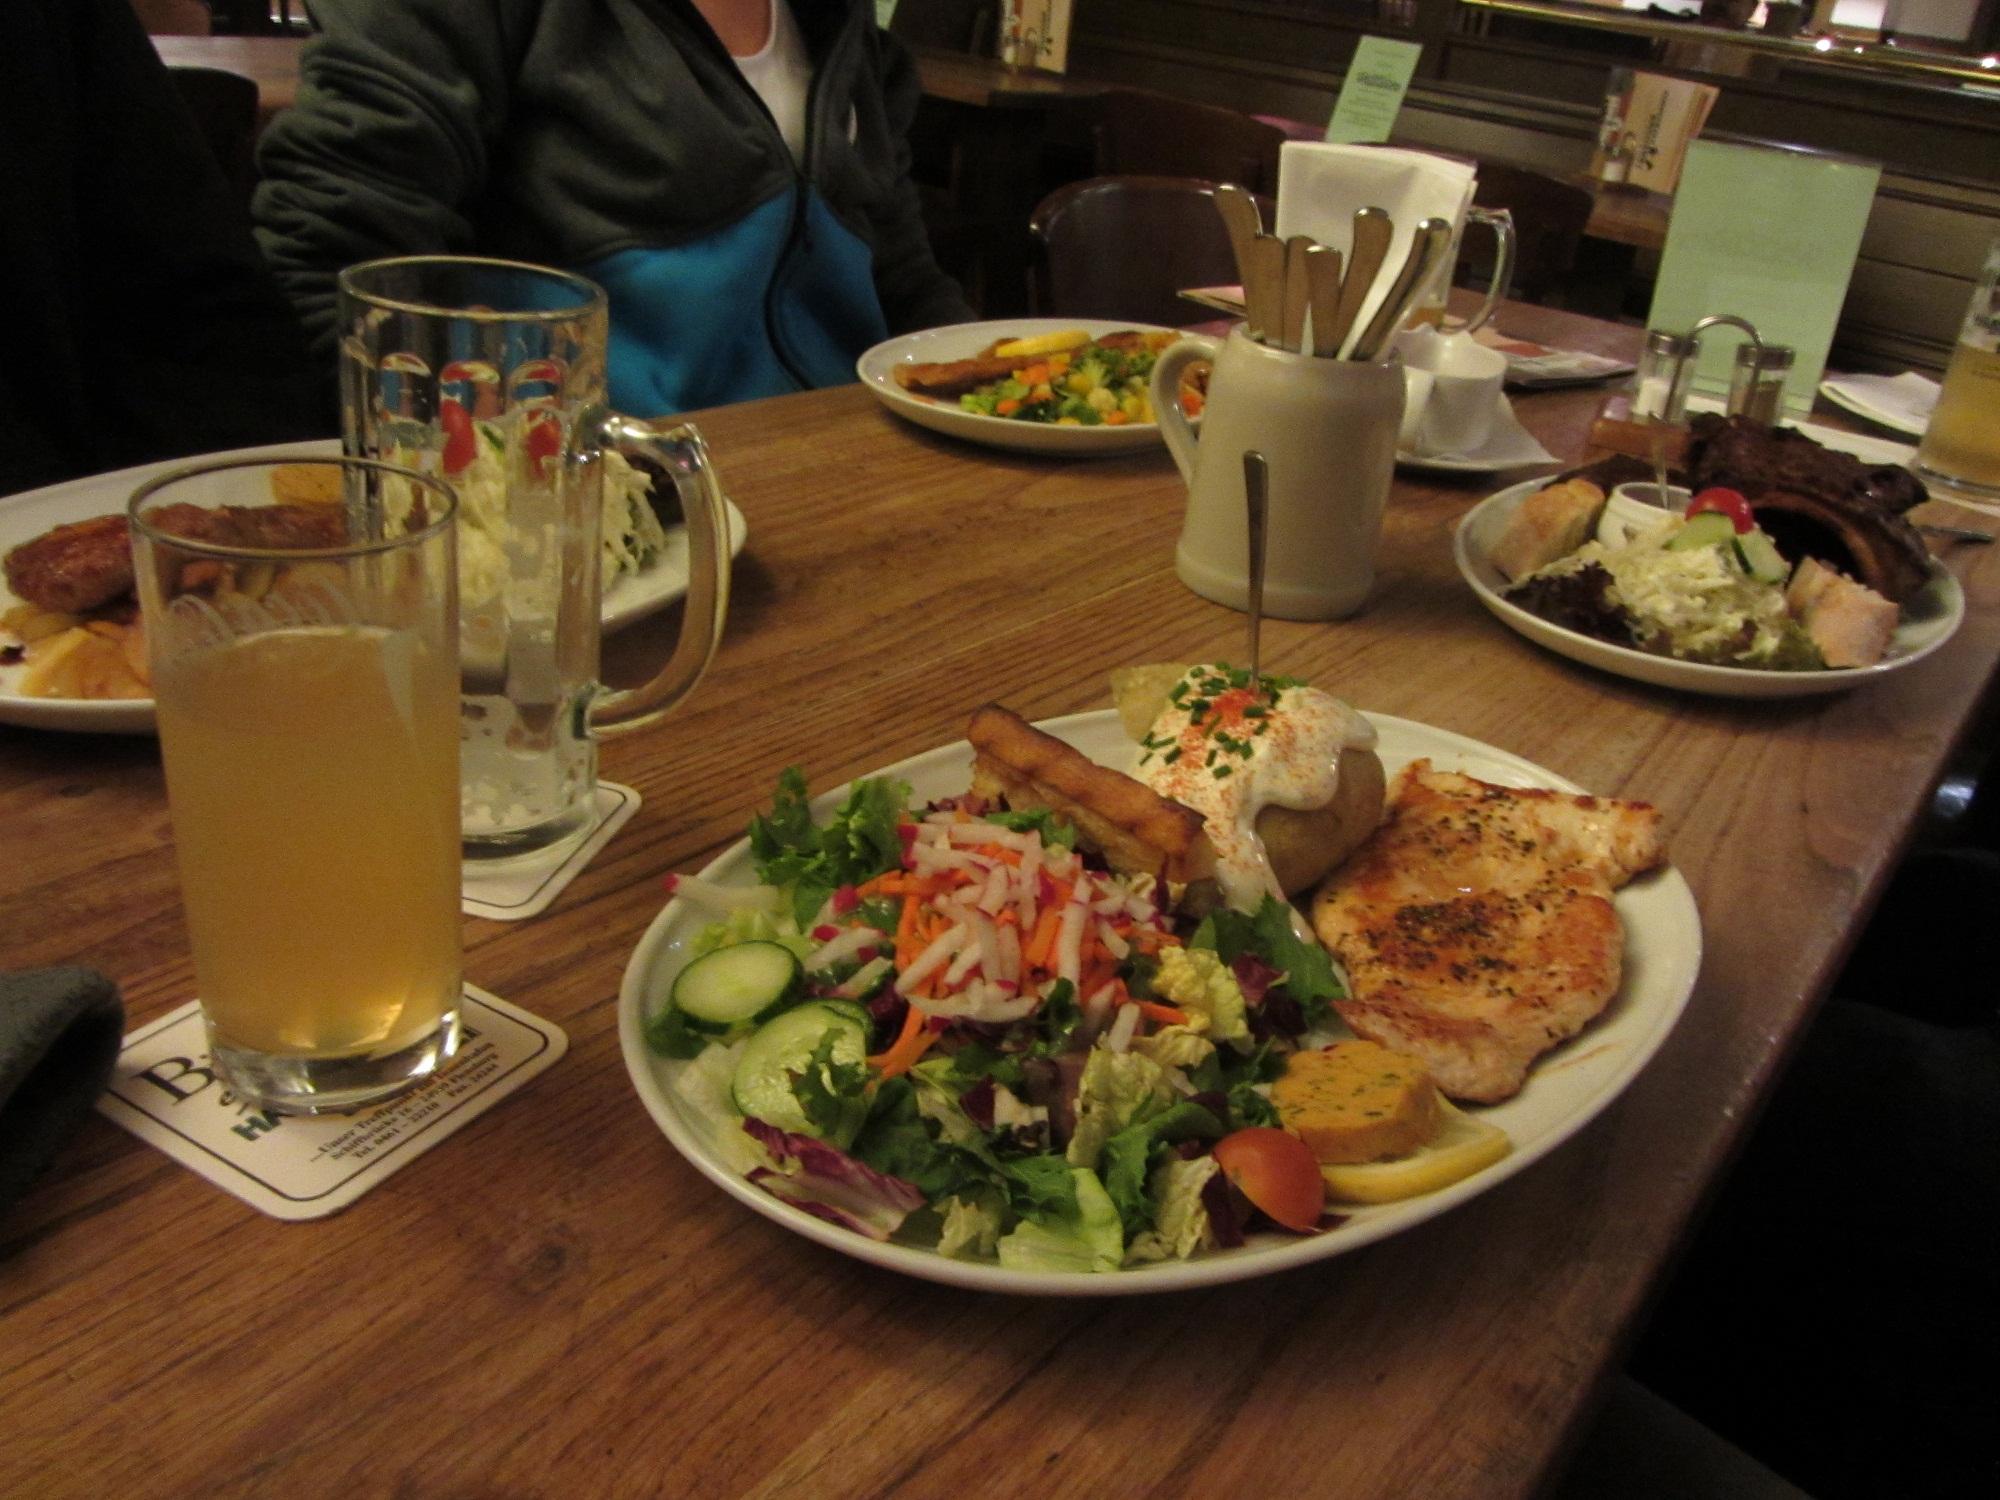 Keiner von uns Banausen hat Fisch gegessen...war trotzdem ein ausgesprochen leckeres (und großes) Abendessen. ©Jana Zoricic